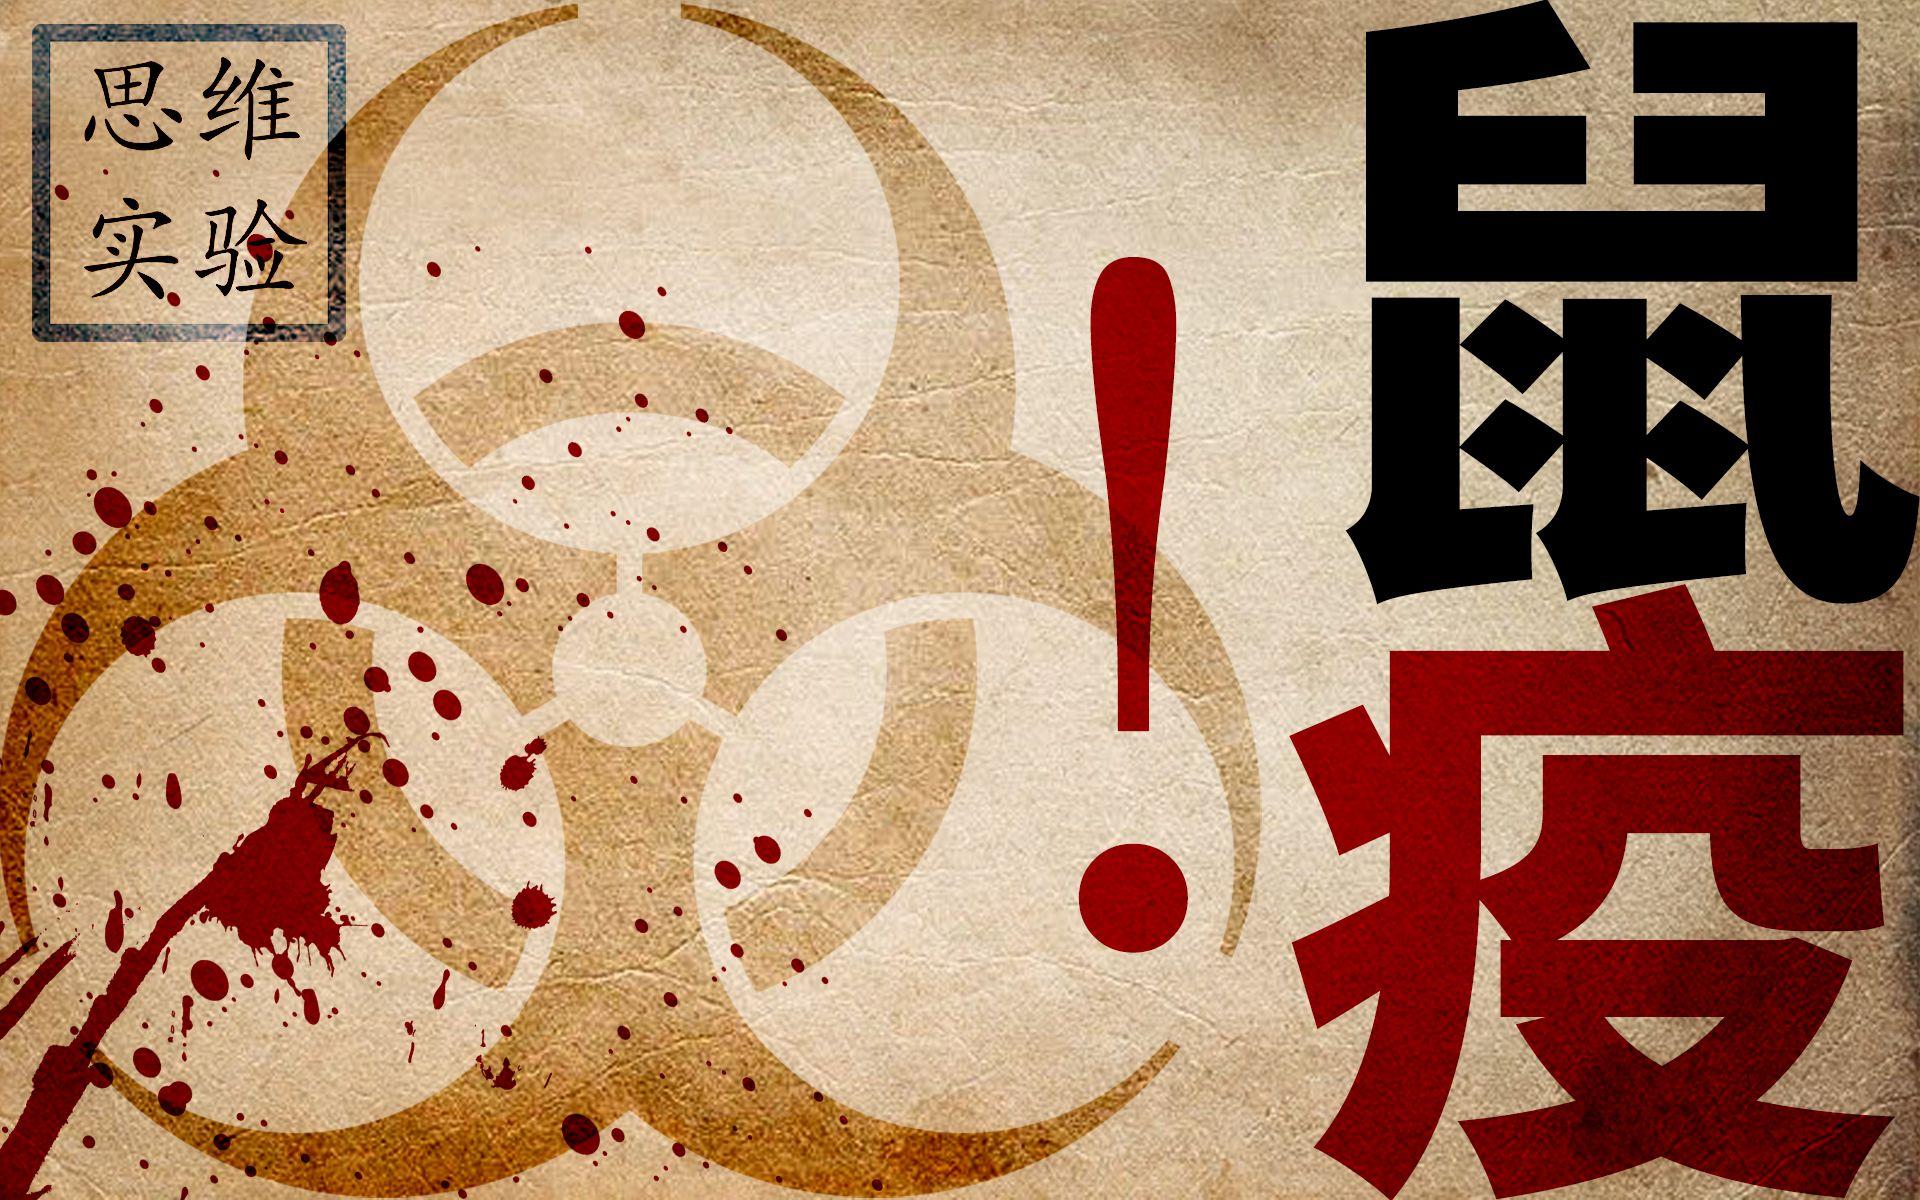 历史上传染病有多可怕?了解下当年的疫情黑死病【思维实验室】25期 鼠疫 黑死病